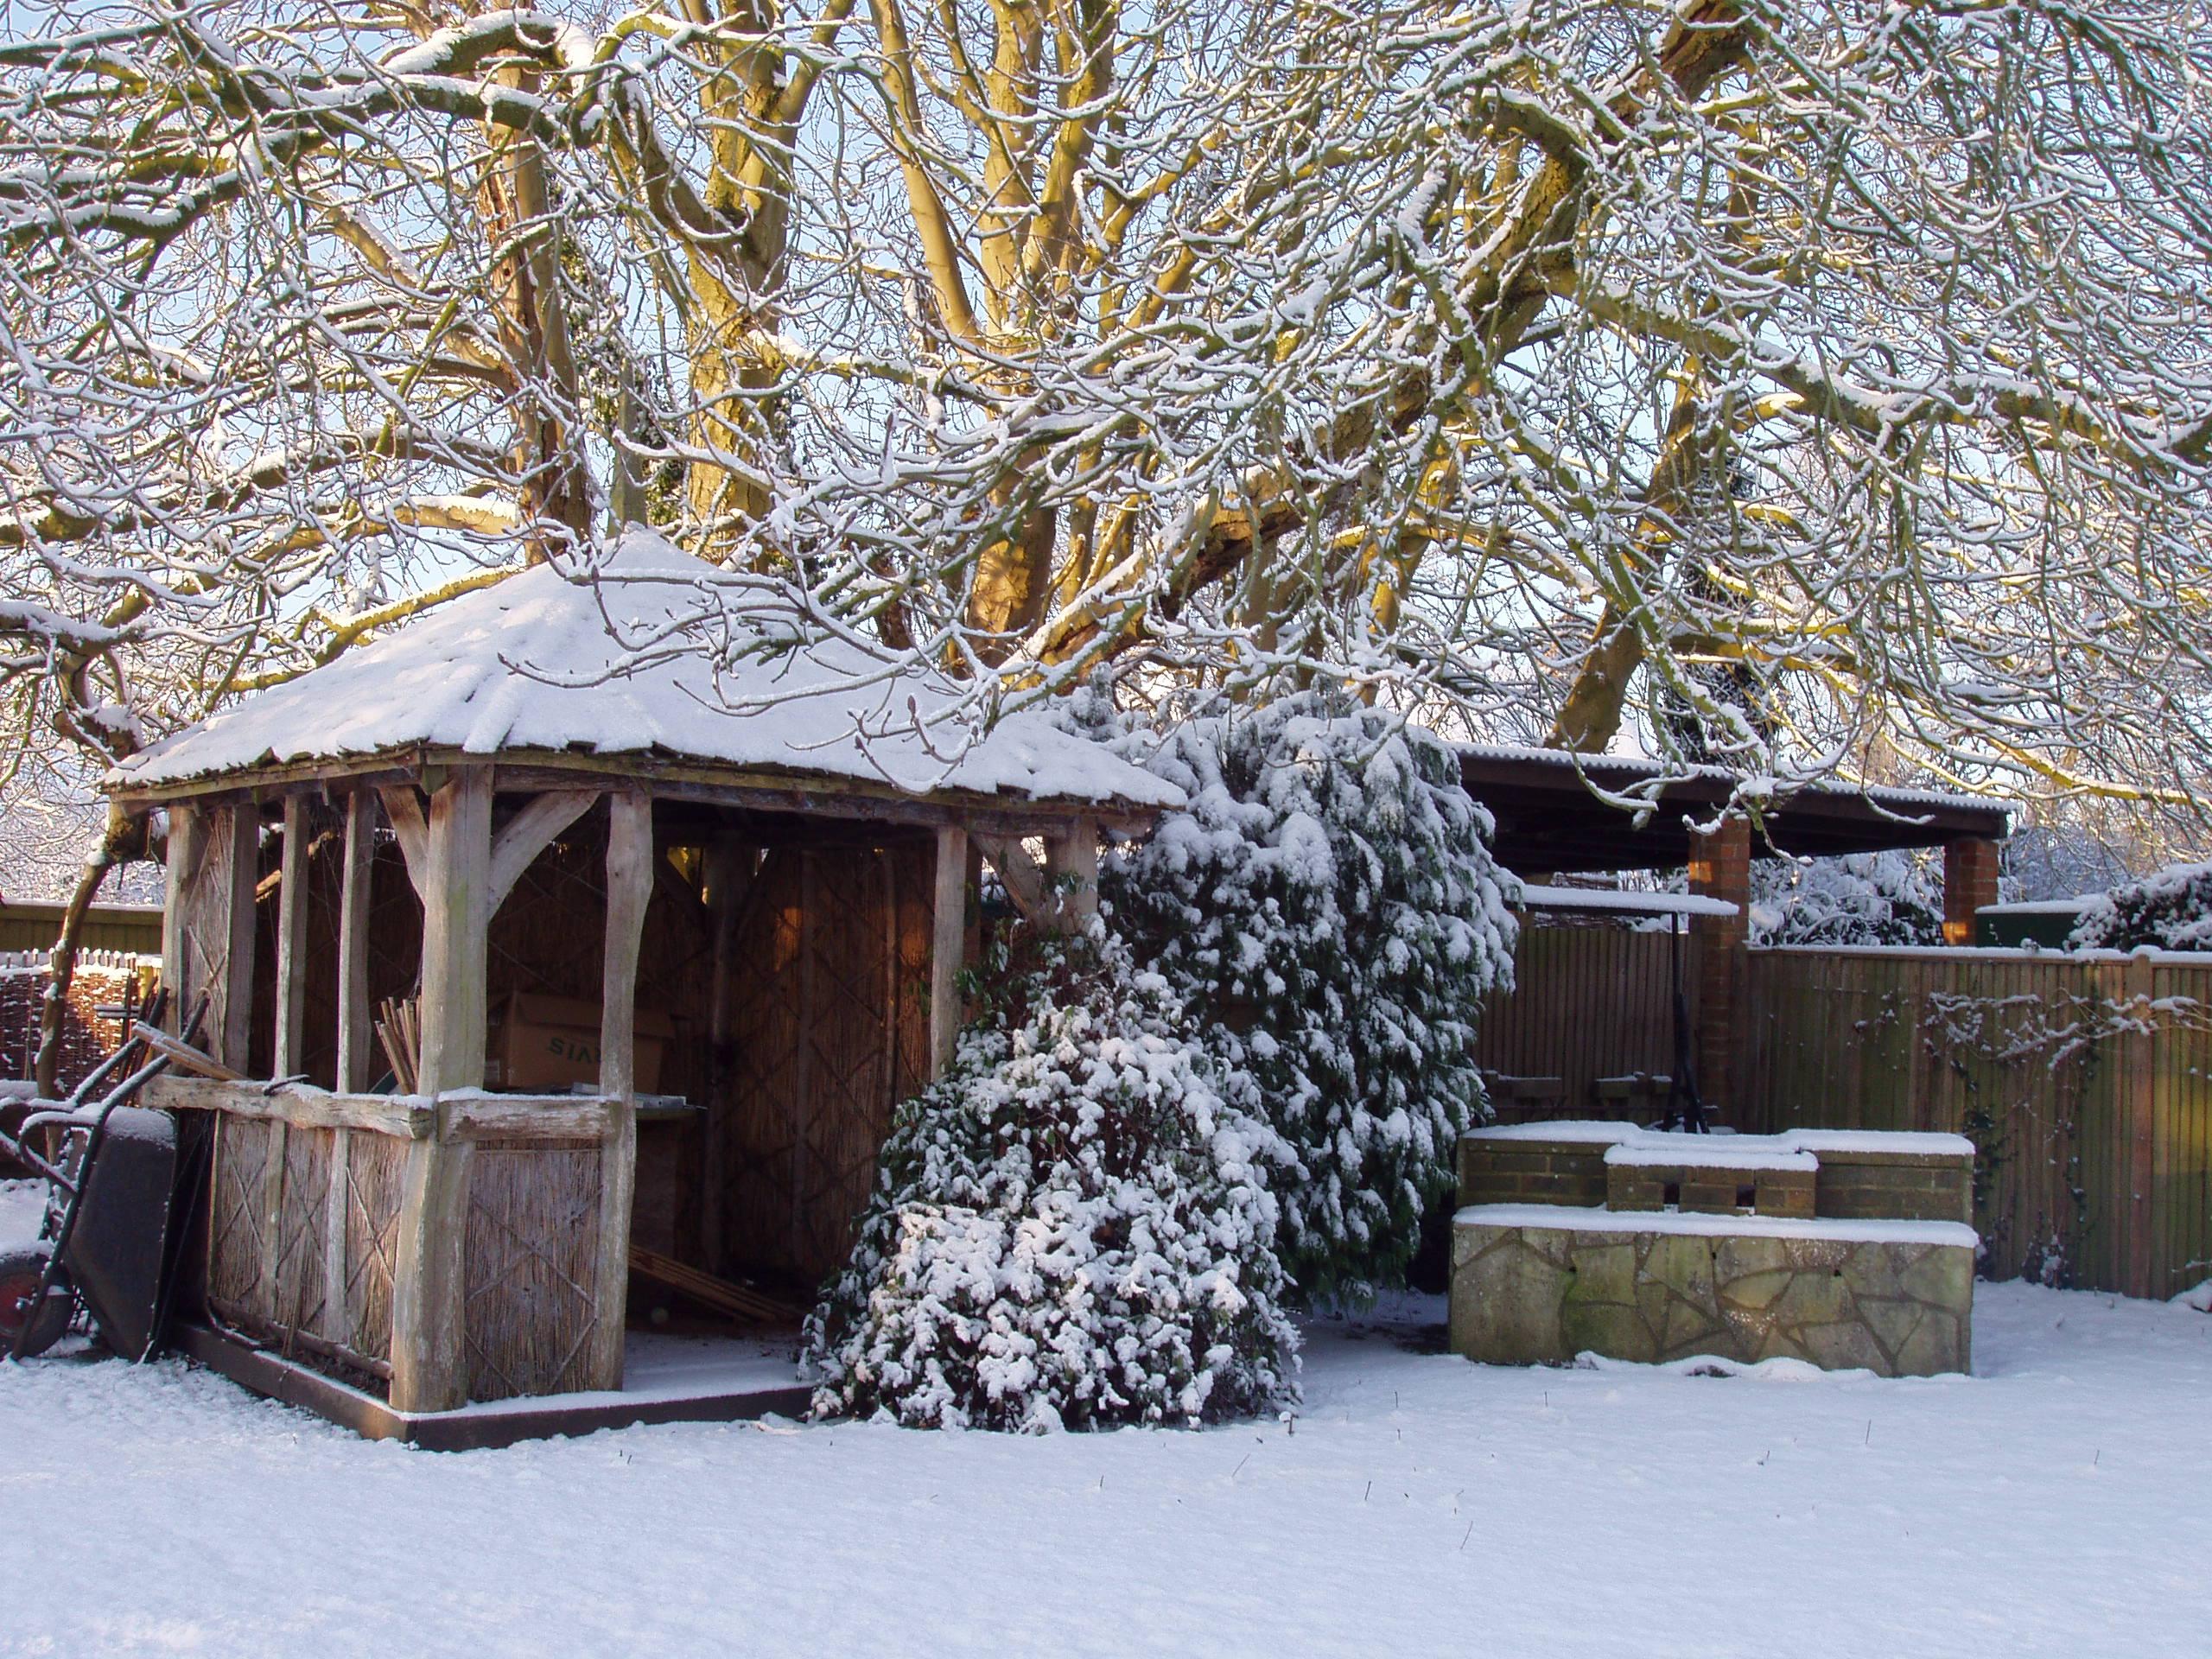 Winterborne Zelston Fencing Summer Houses & Buildings